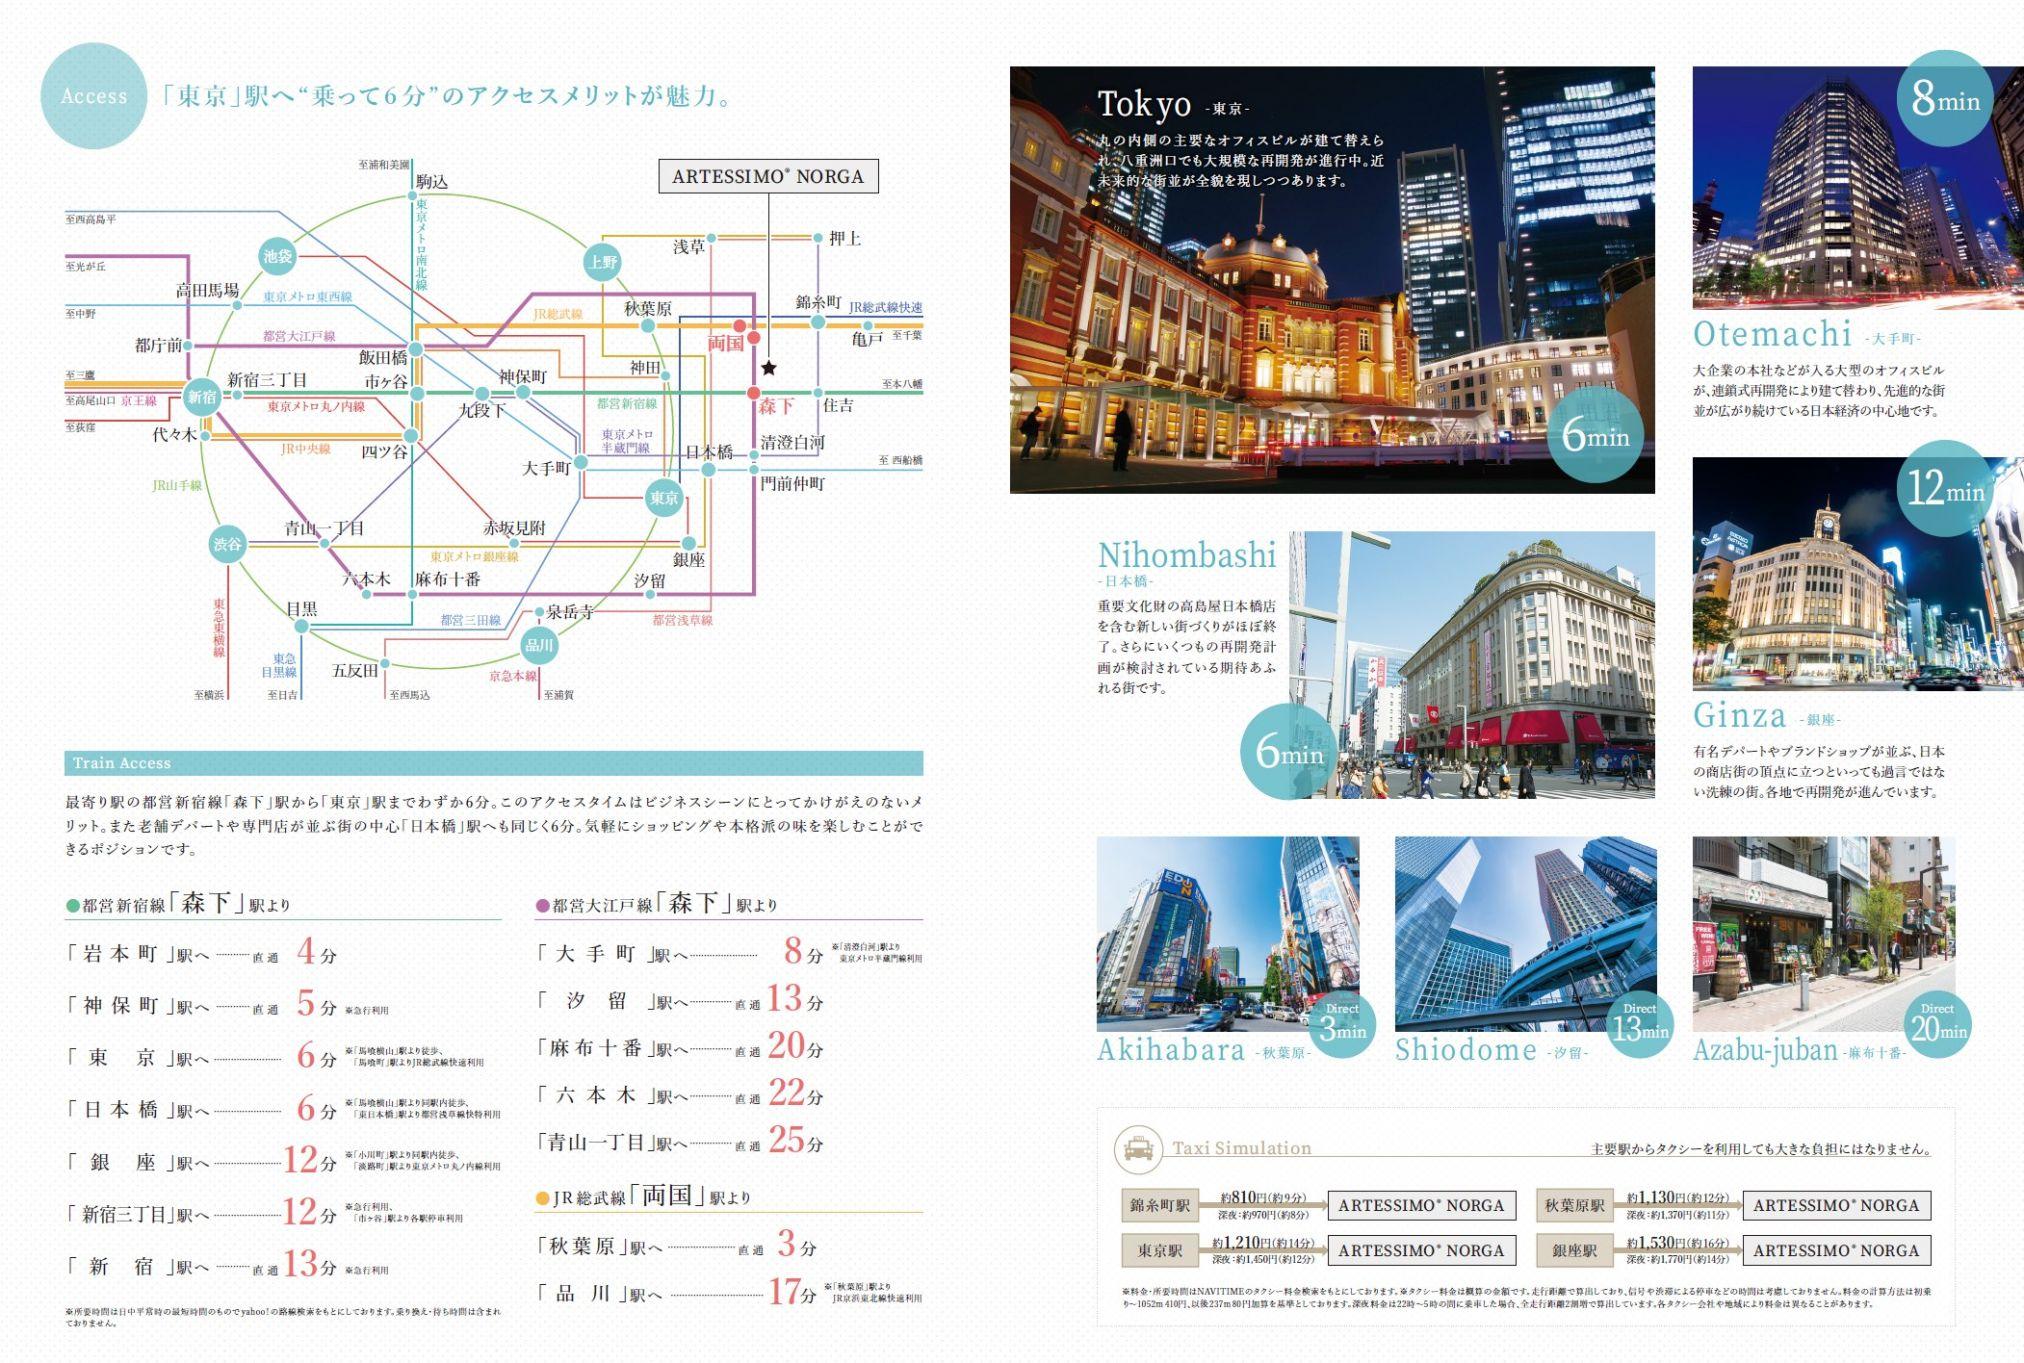 都心を貫き都内を結ぶ3路線を活用したフレキシブルなスタンス